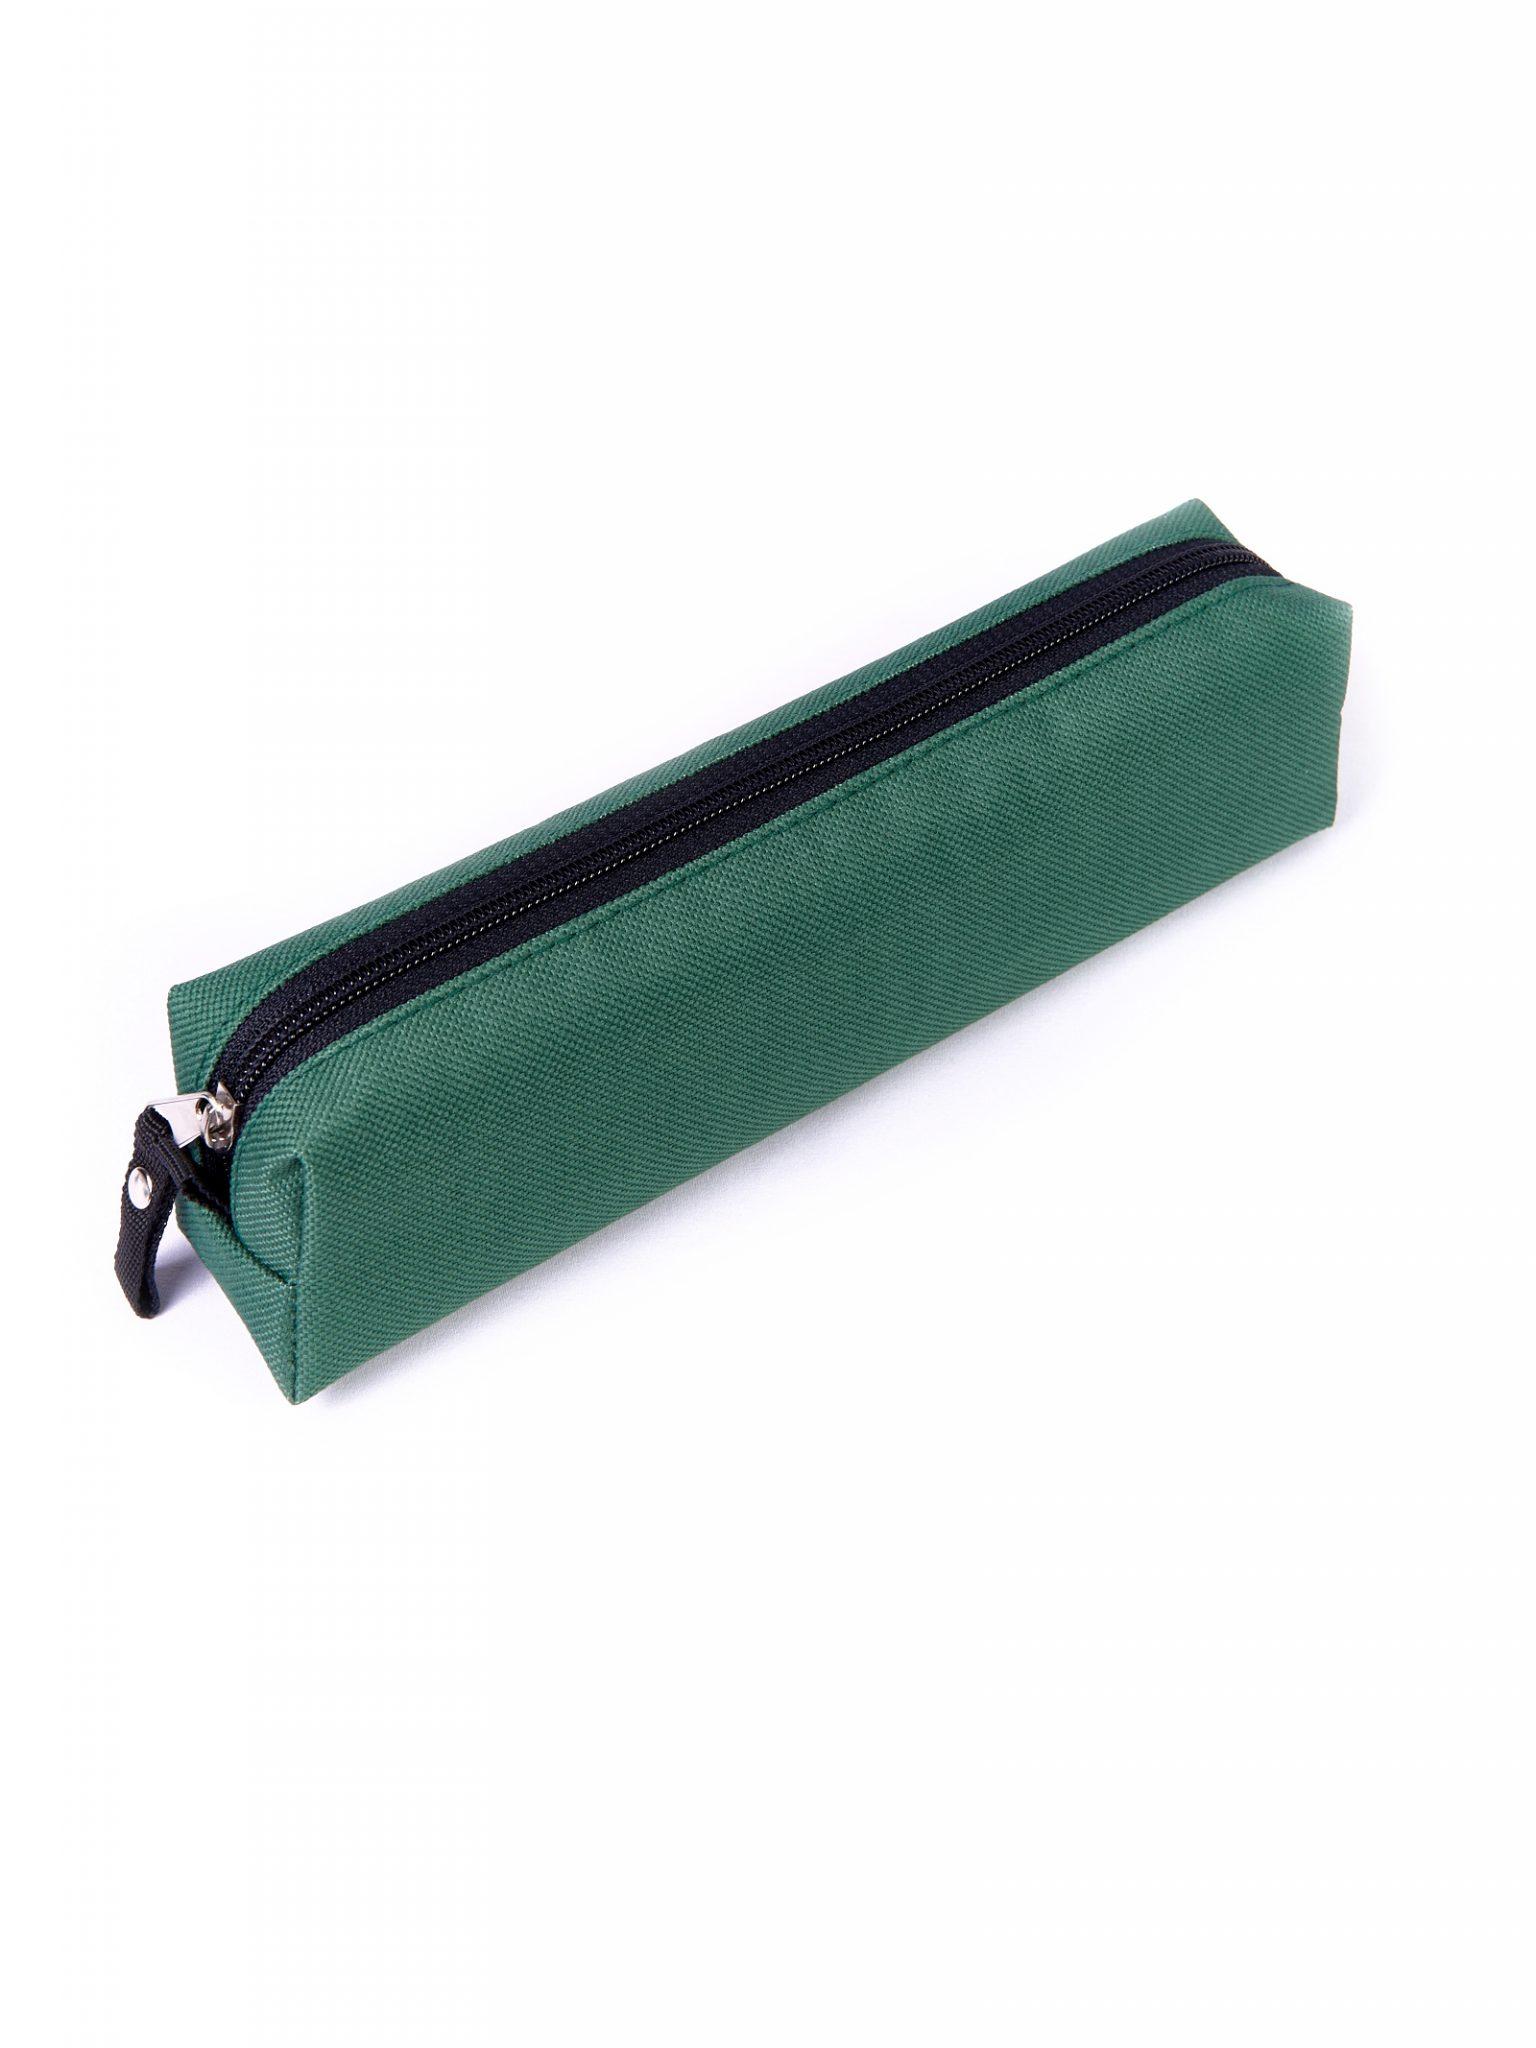 Пенал модель: Rondo цвет: Зеленый